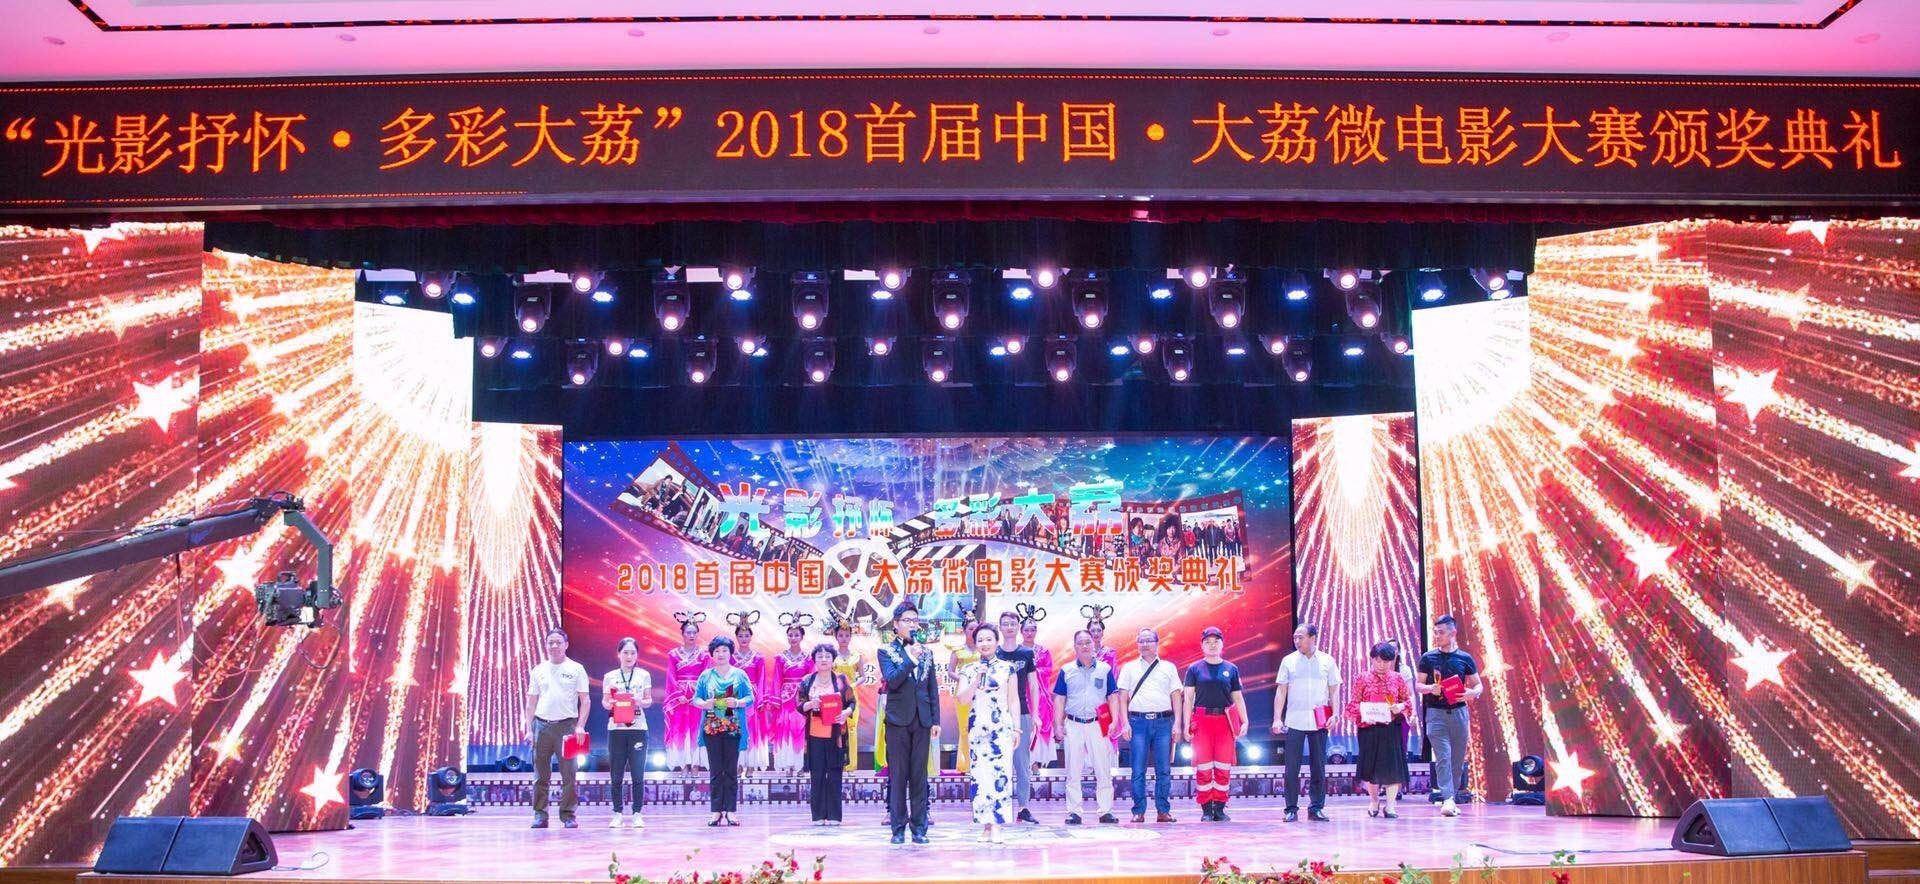 首届中国大荔微电影大赛各大奖项揭晓